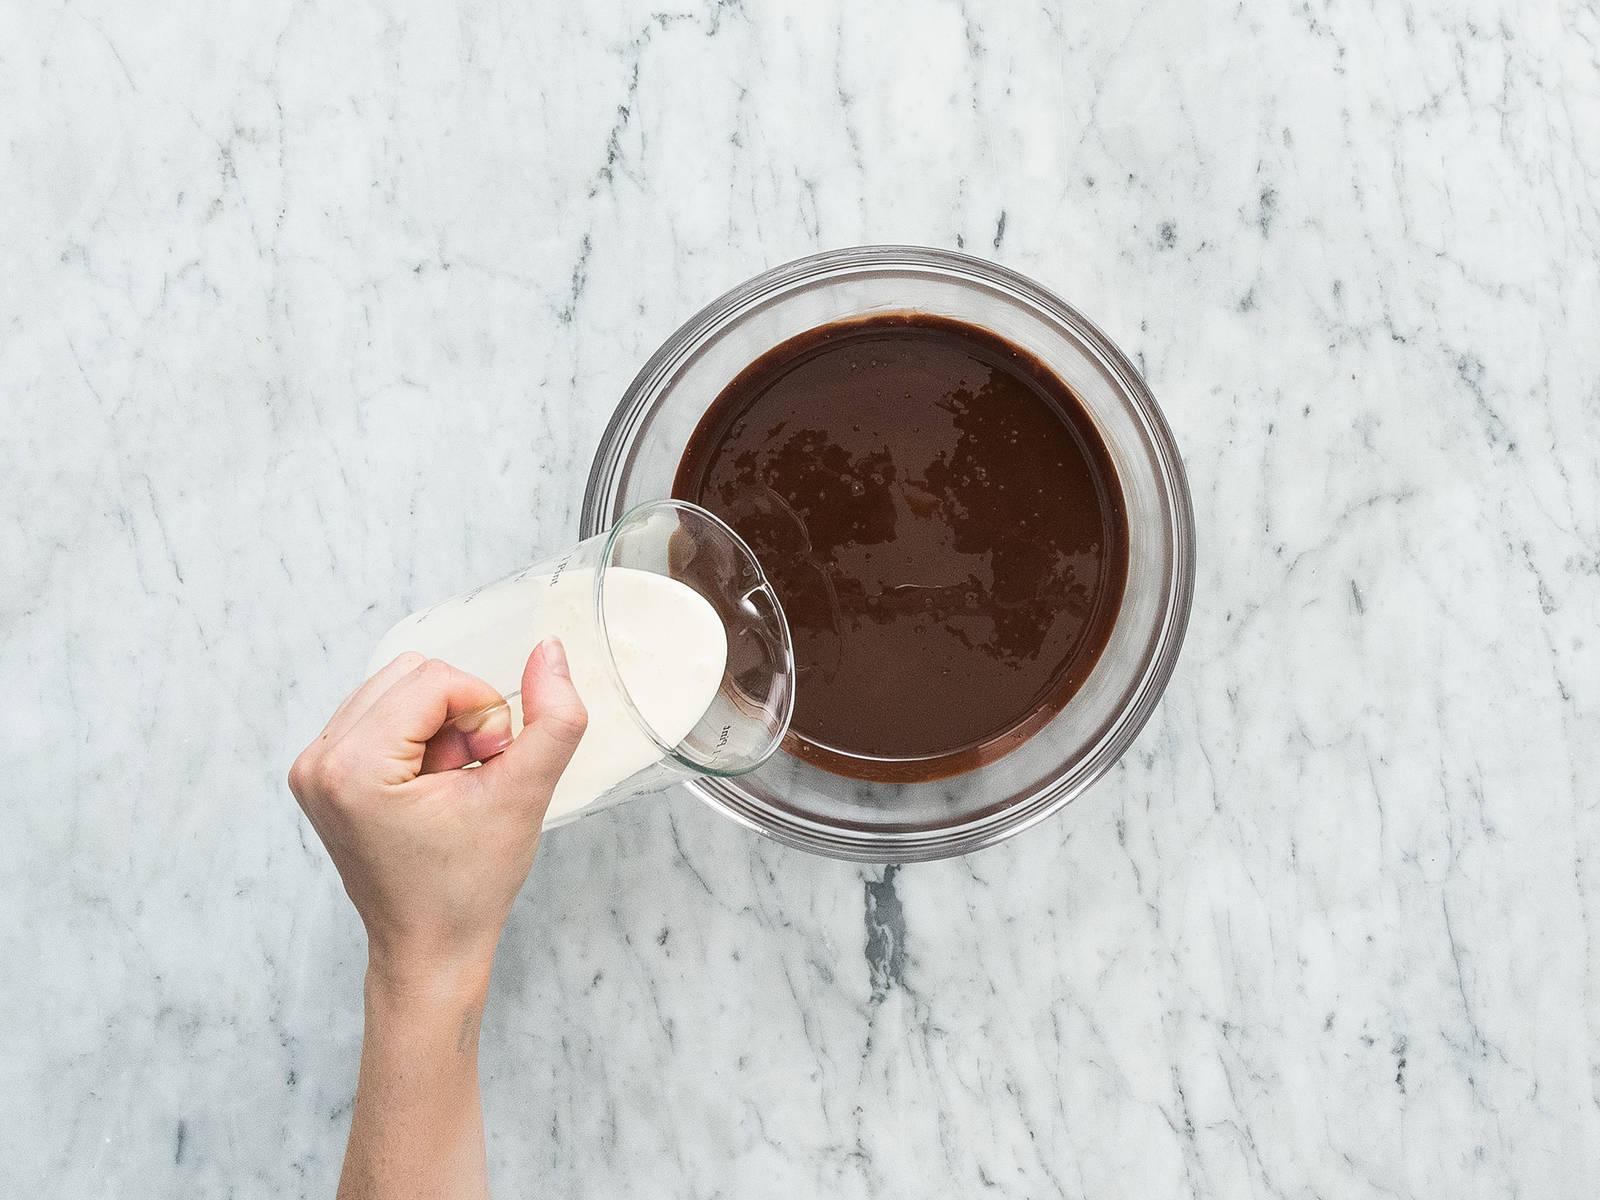 Kuvertüre in eine Schüssel geben und in der Mikrowelle schmelzen lassen. Kokosöl und Schlagsahne unterrühren und ca. 5 - 10 Min. abkühlen lassen.